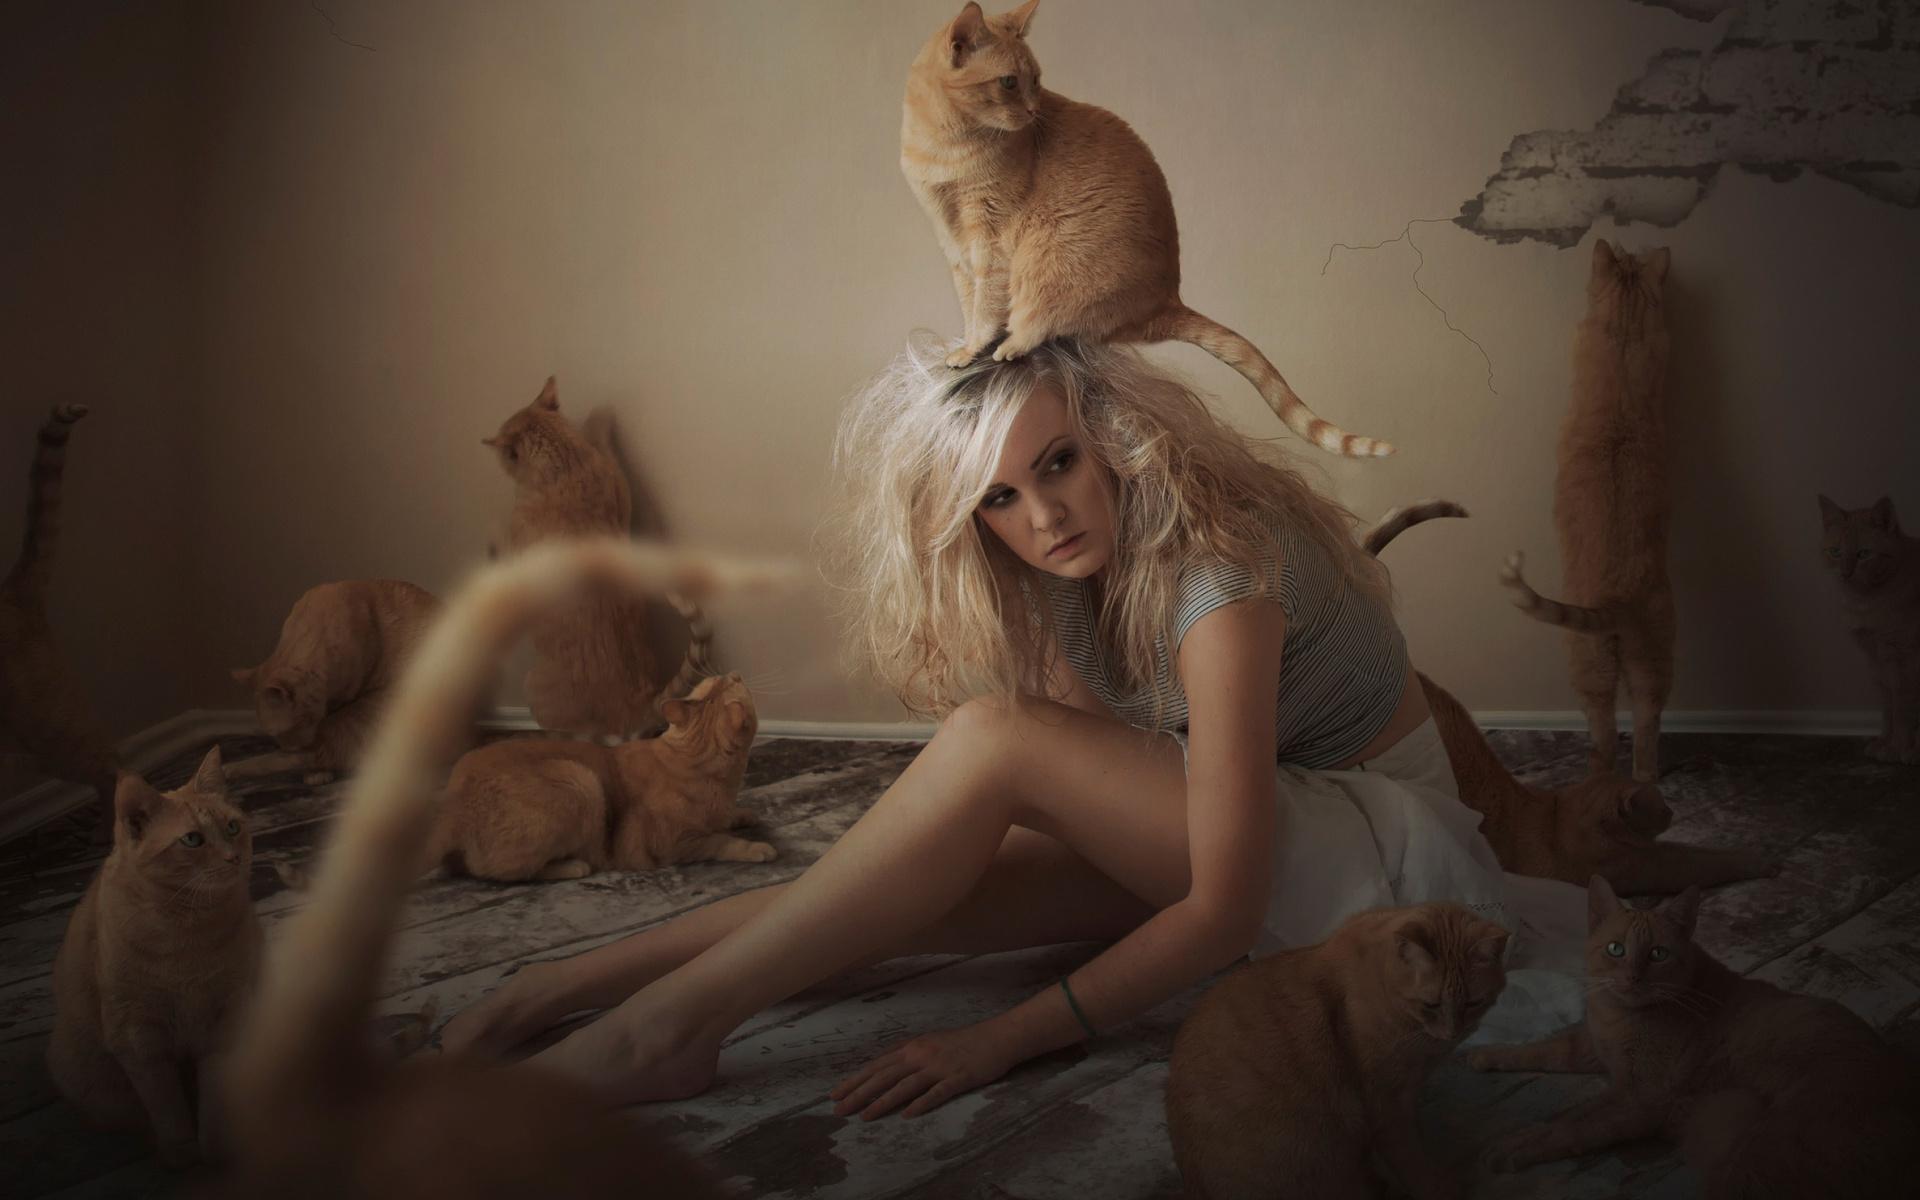 Обнаженная рыжая тетка играет с котом  184854